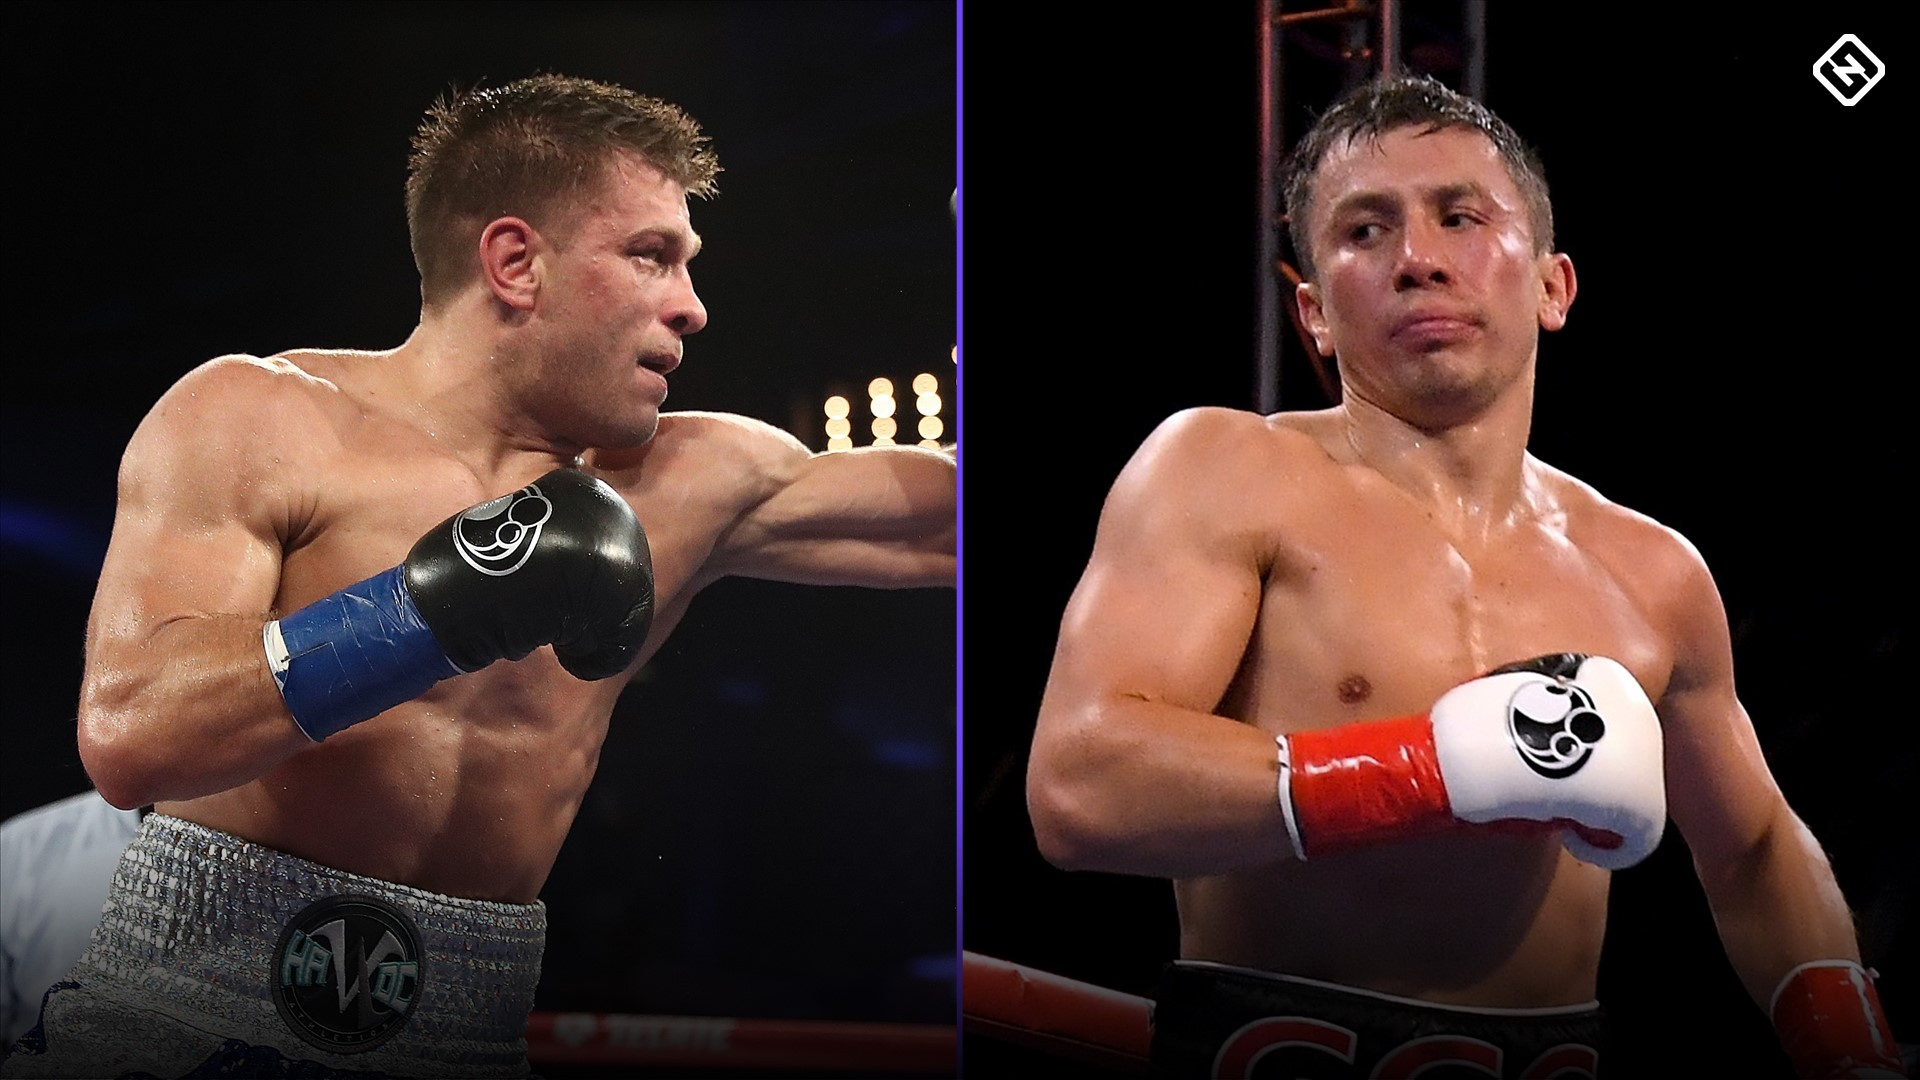 ggg vs derevyanchenko fight tickets